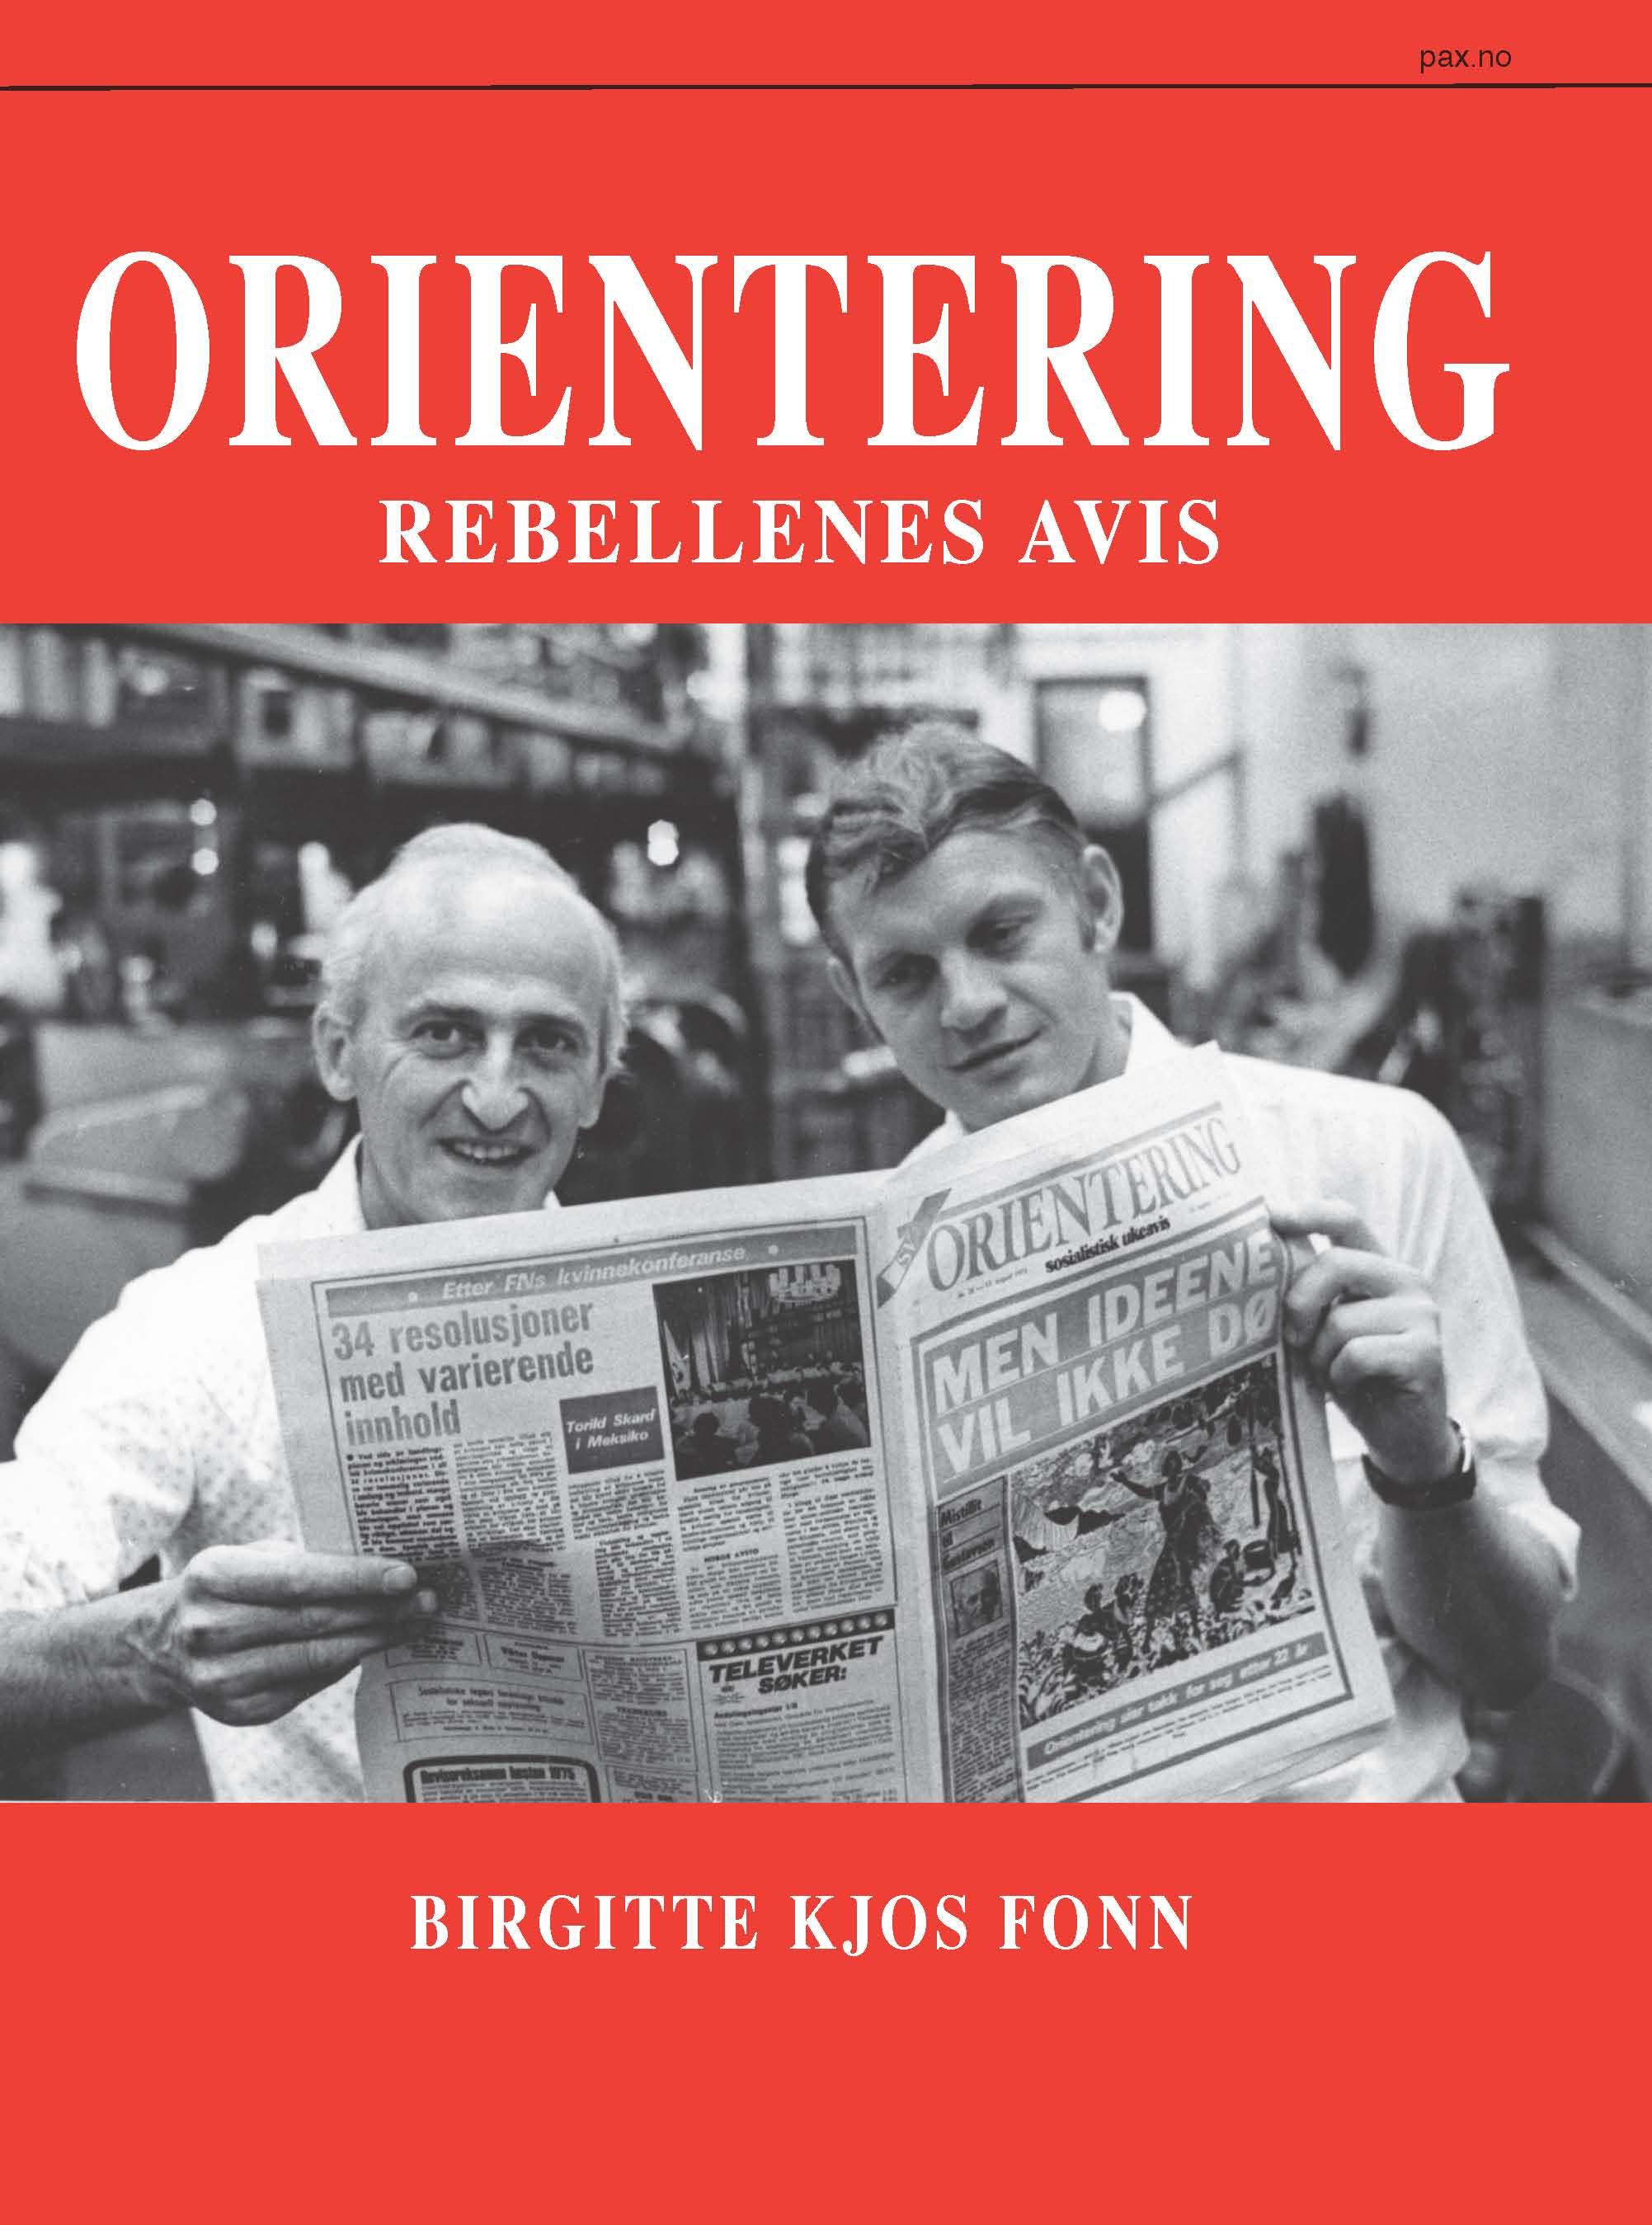 Birgitte Kjos Fonn: Orientering - Rebellenes avis